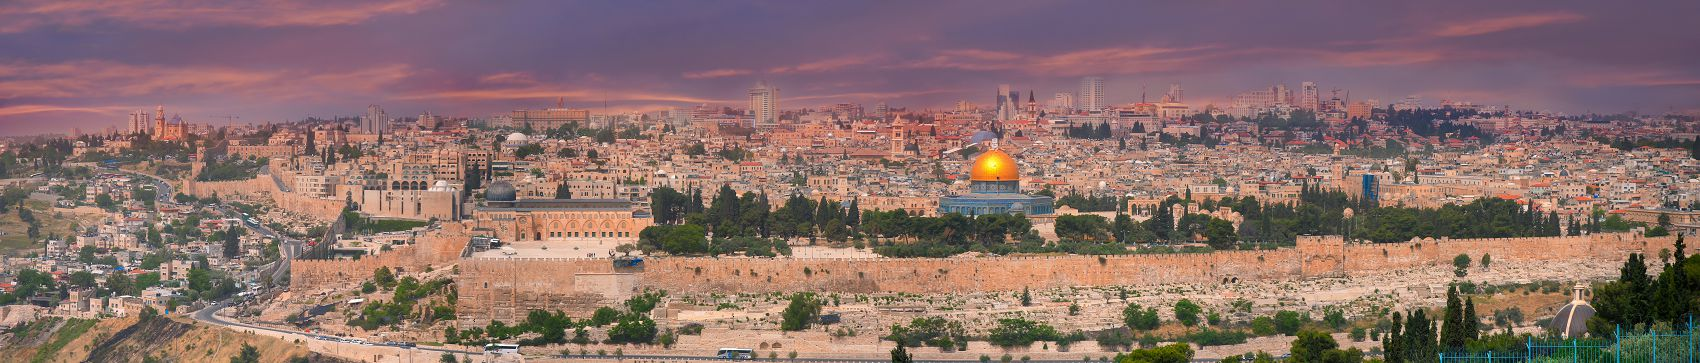 Иерусалим Израиль